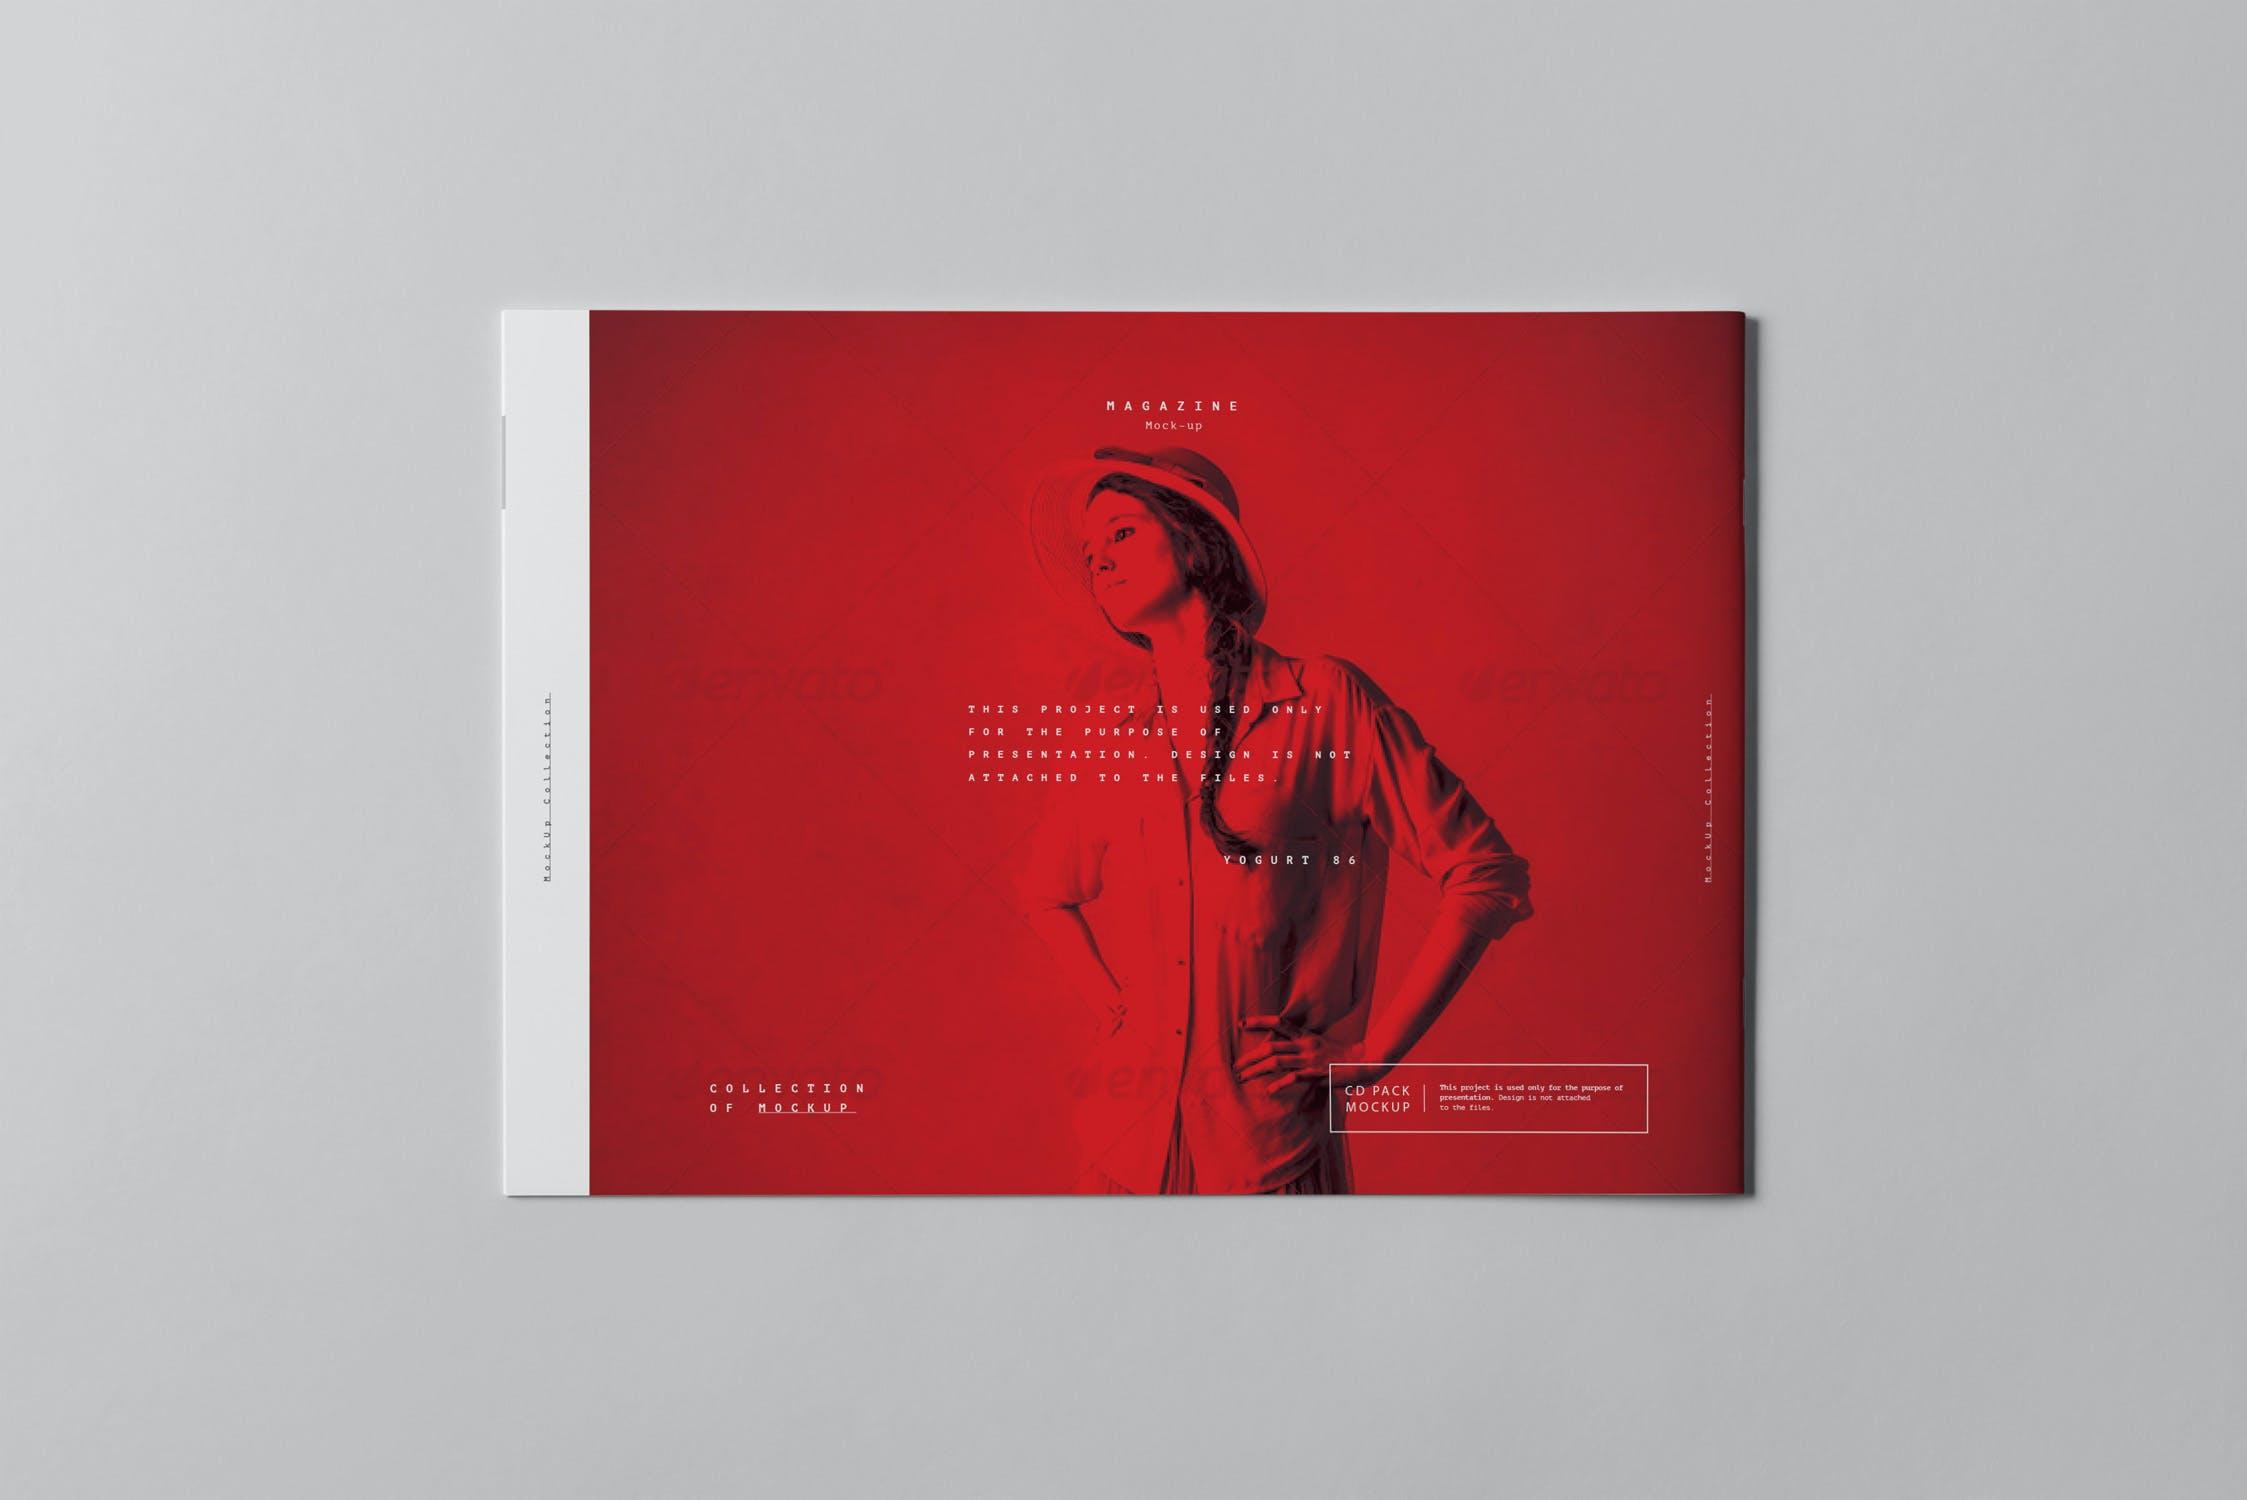 10款横版A4画册杂志设计展示样机模板 A4 Horizontal Brochure Mockup 3插图(8)